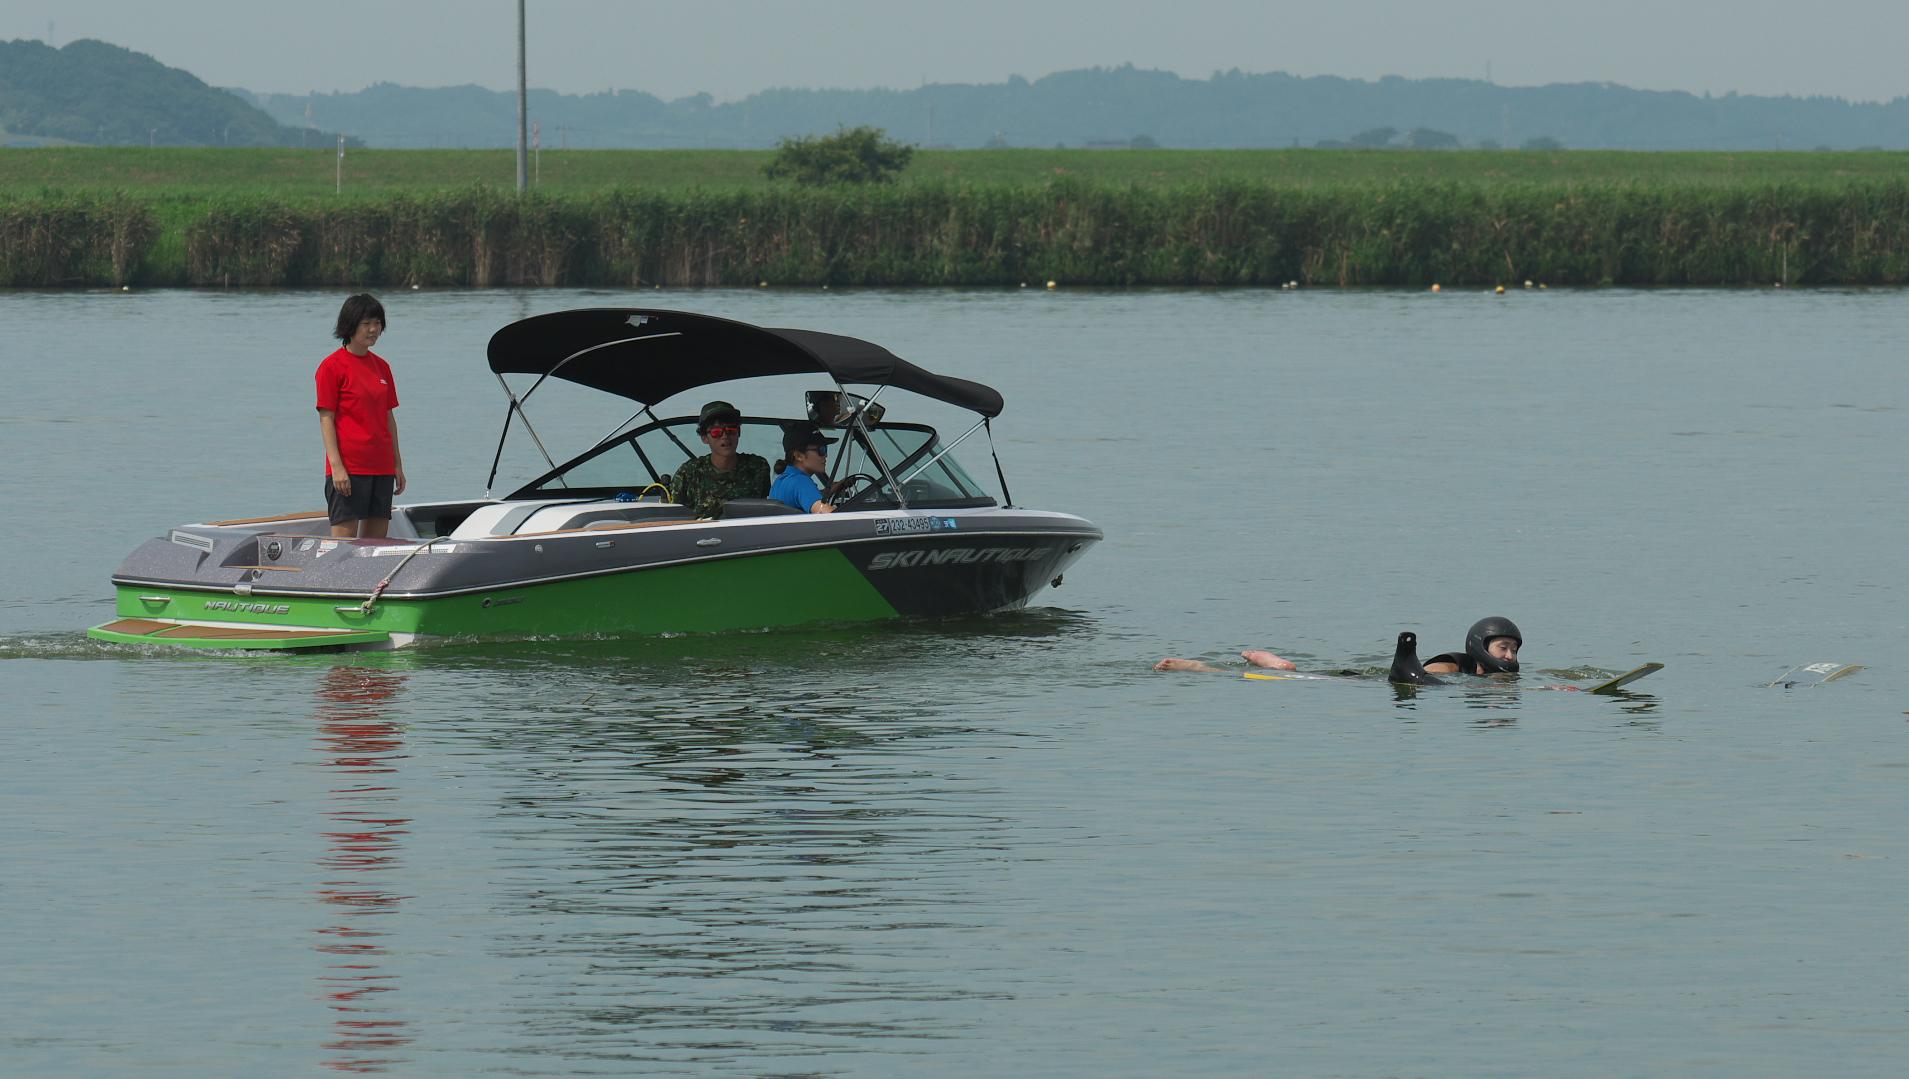 ジャンプ練習終了、泳いで岸まで